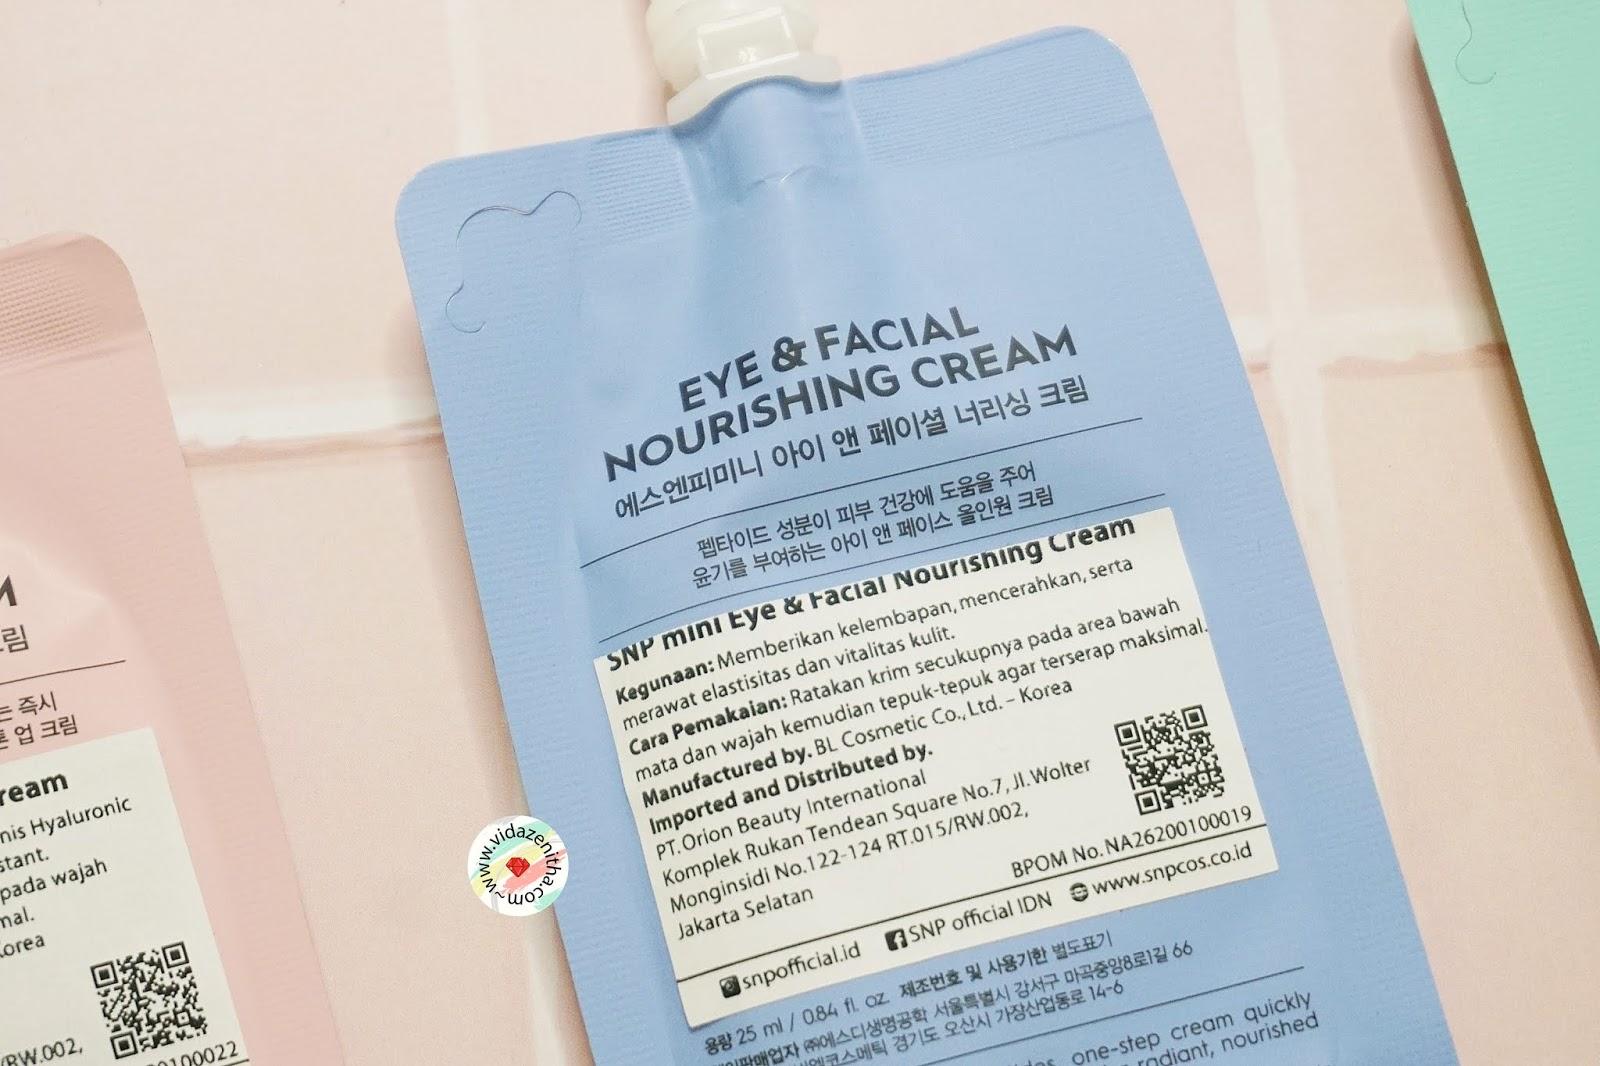 Review SNP Mini Eye & Facial Nourishing Cream